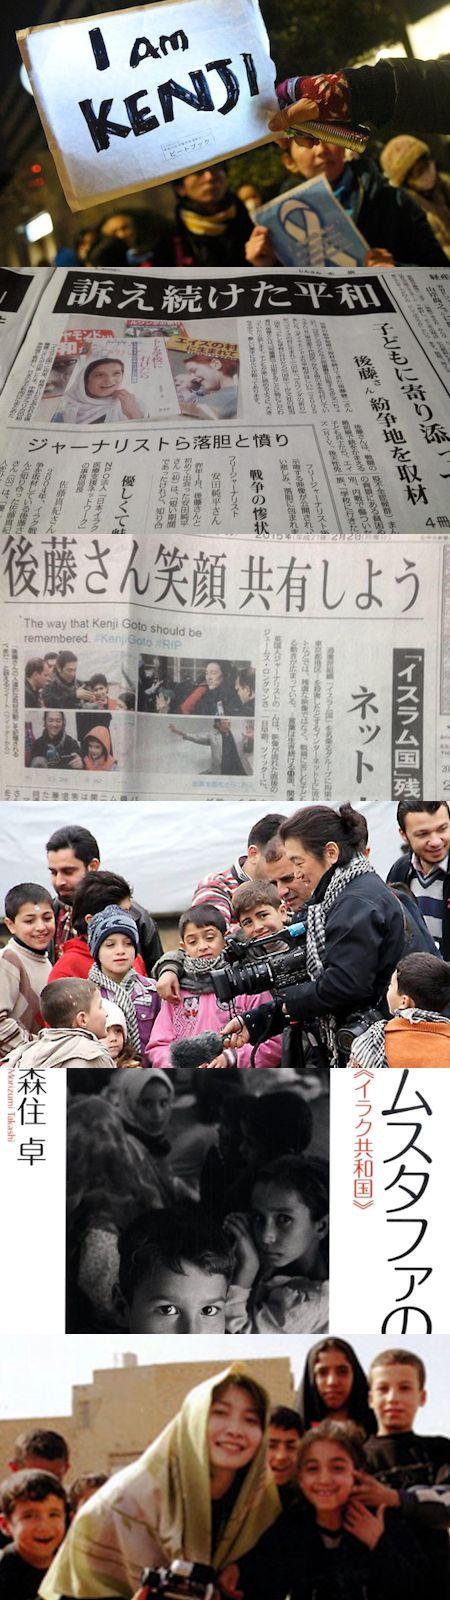 後藤健二の神話化と神格化の洪水となった日本のマスコミと世論_c0315619_1402283.jpg